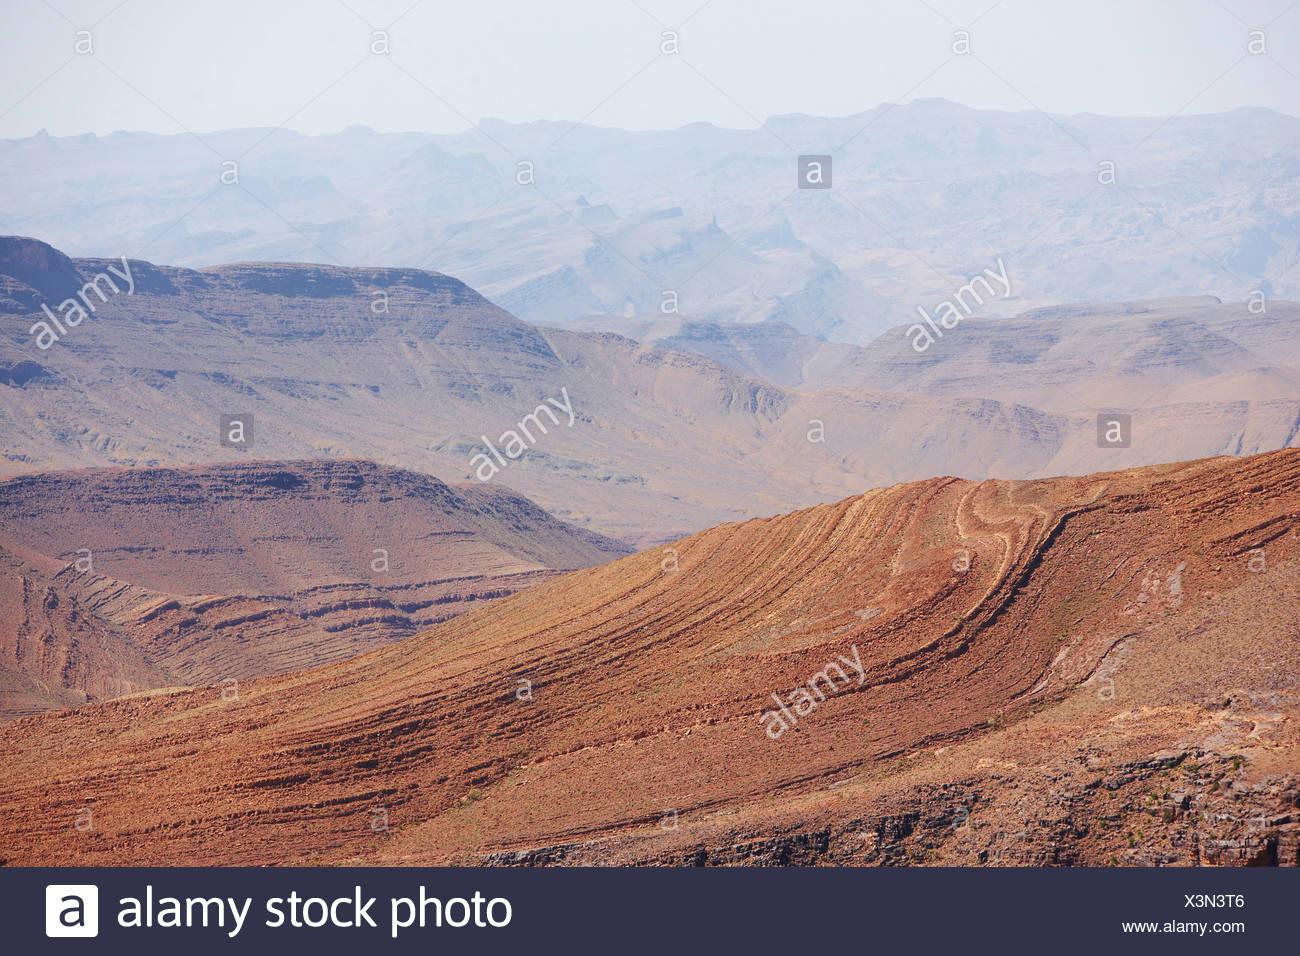 Ritorto strati geologici delle montagne dell'Atlante, Marocco Immagini Stock